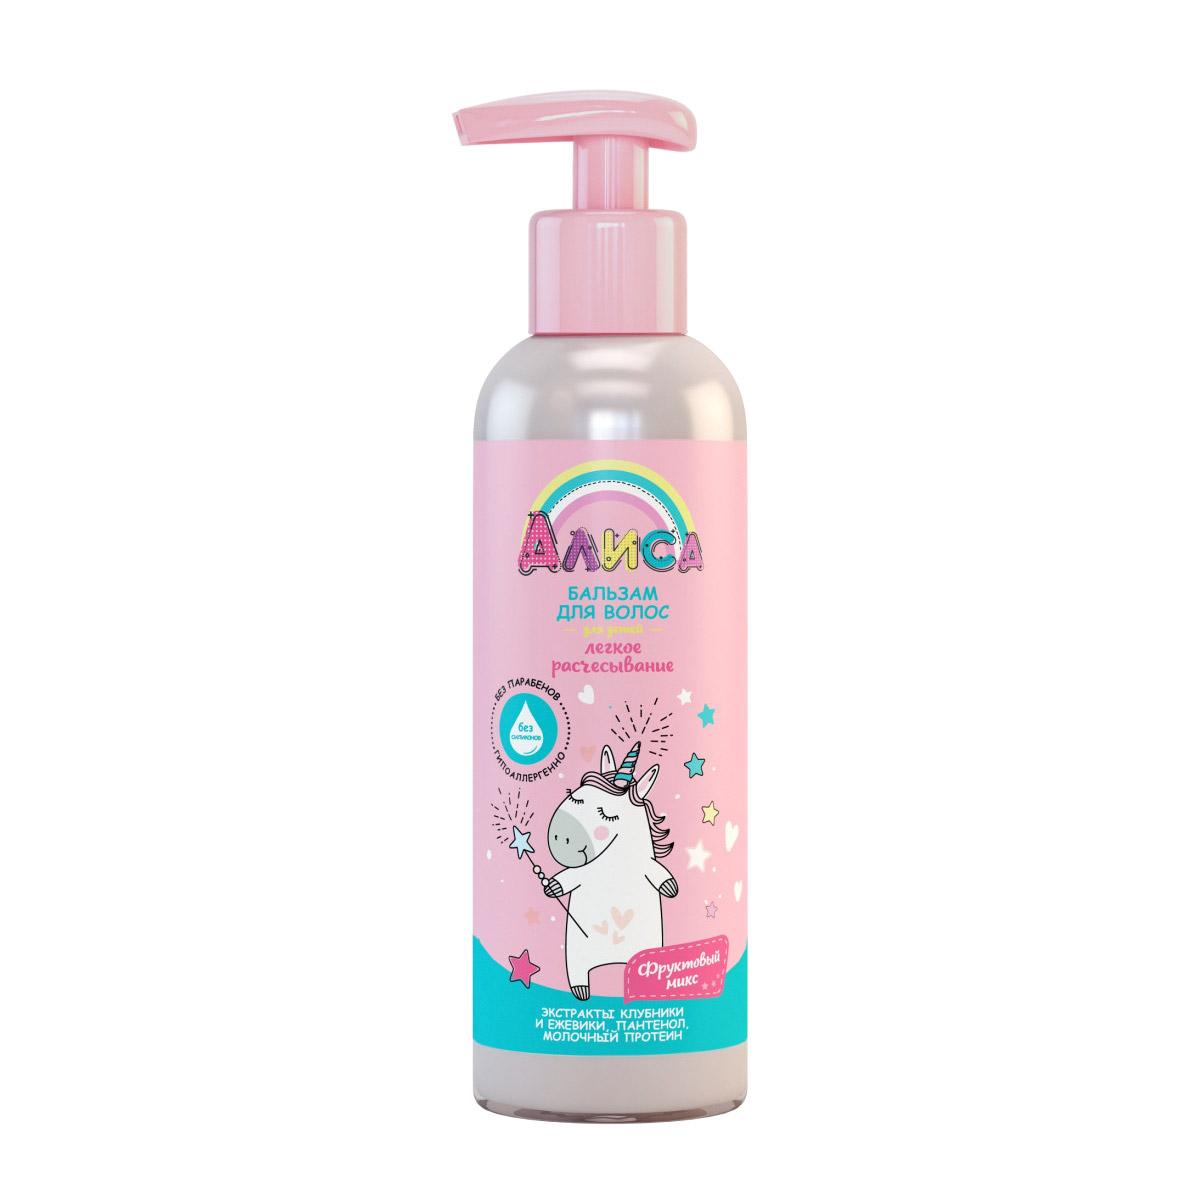 Бальзам для волос - легкое расчесывание Алиса бальзам для волос nanoderm